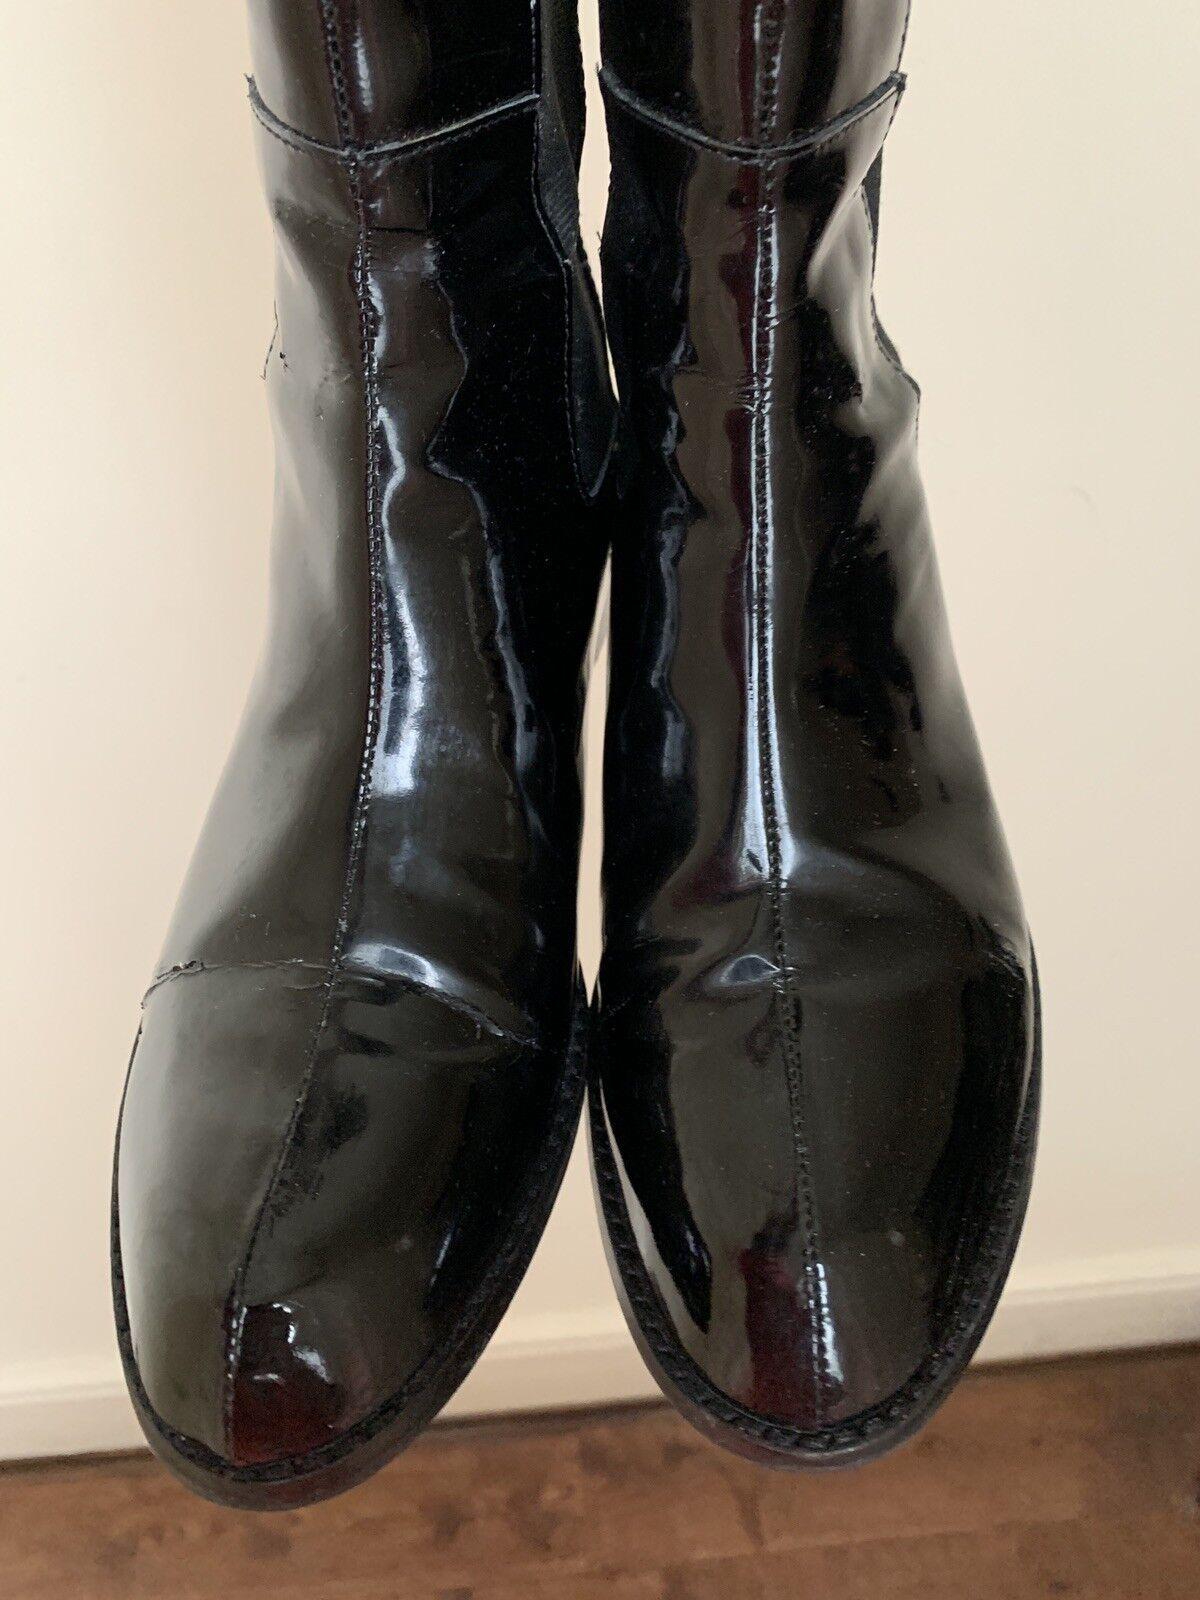 rojoucción de Ralph Lauren Zapatos Talla botas De Cuero Patente Talla Zapatos 38.5 EUR 7.5 EE. UU. 561443